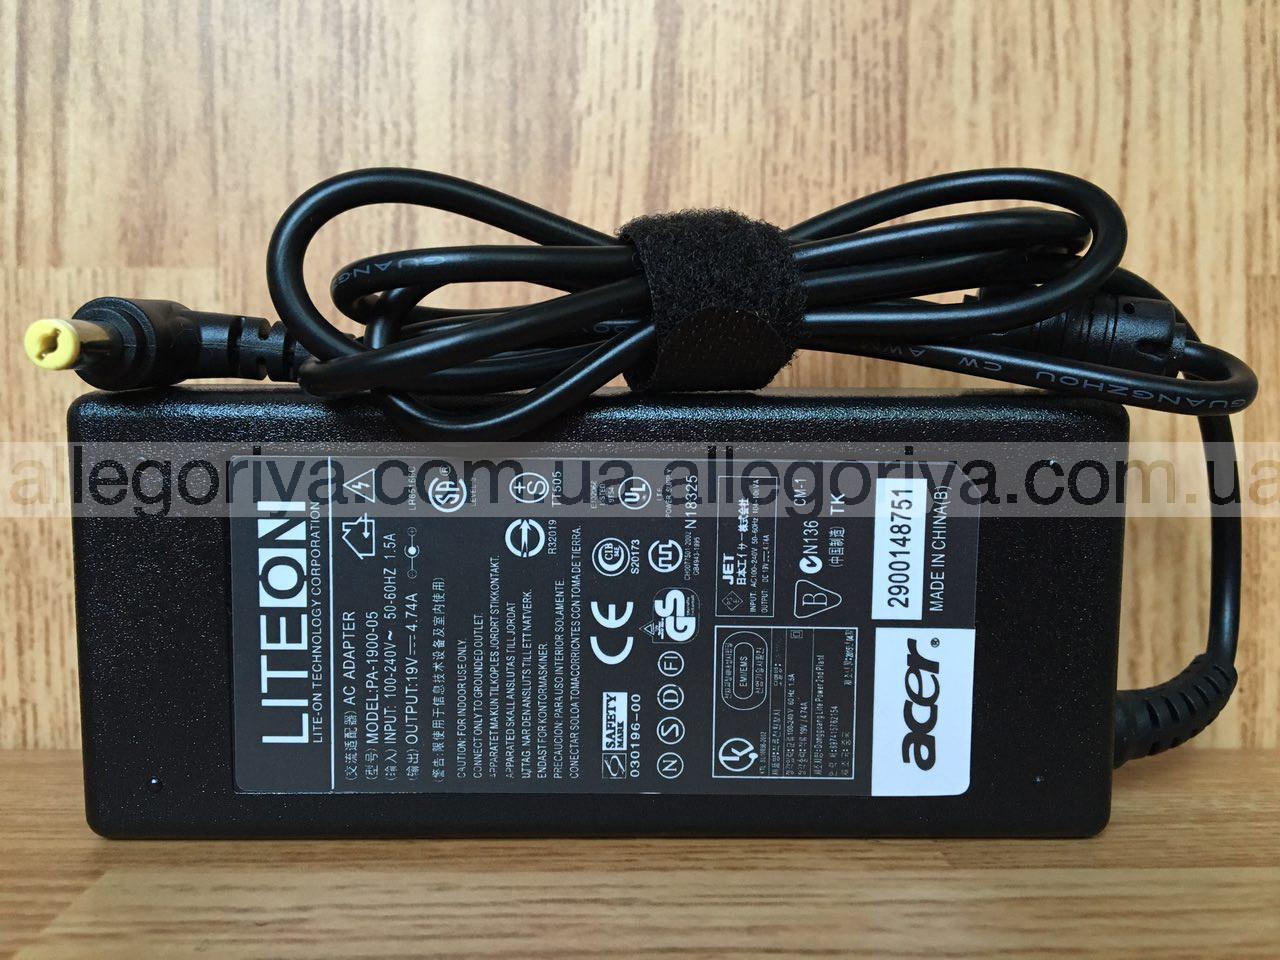 ACER EXTENSA 5630-6806 DRIVER FOR WINDOWS 8